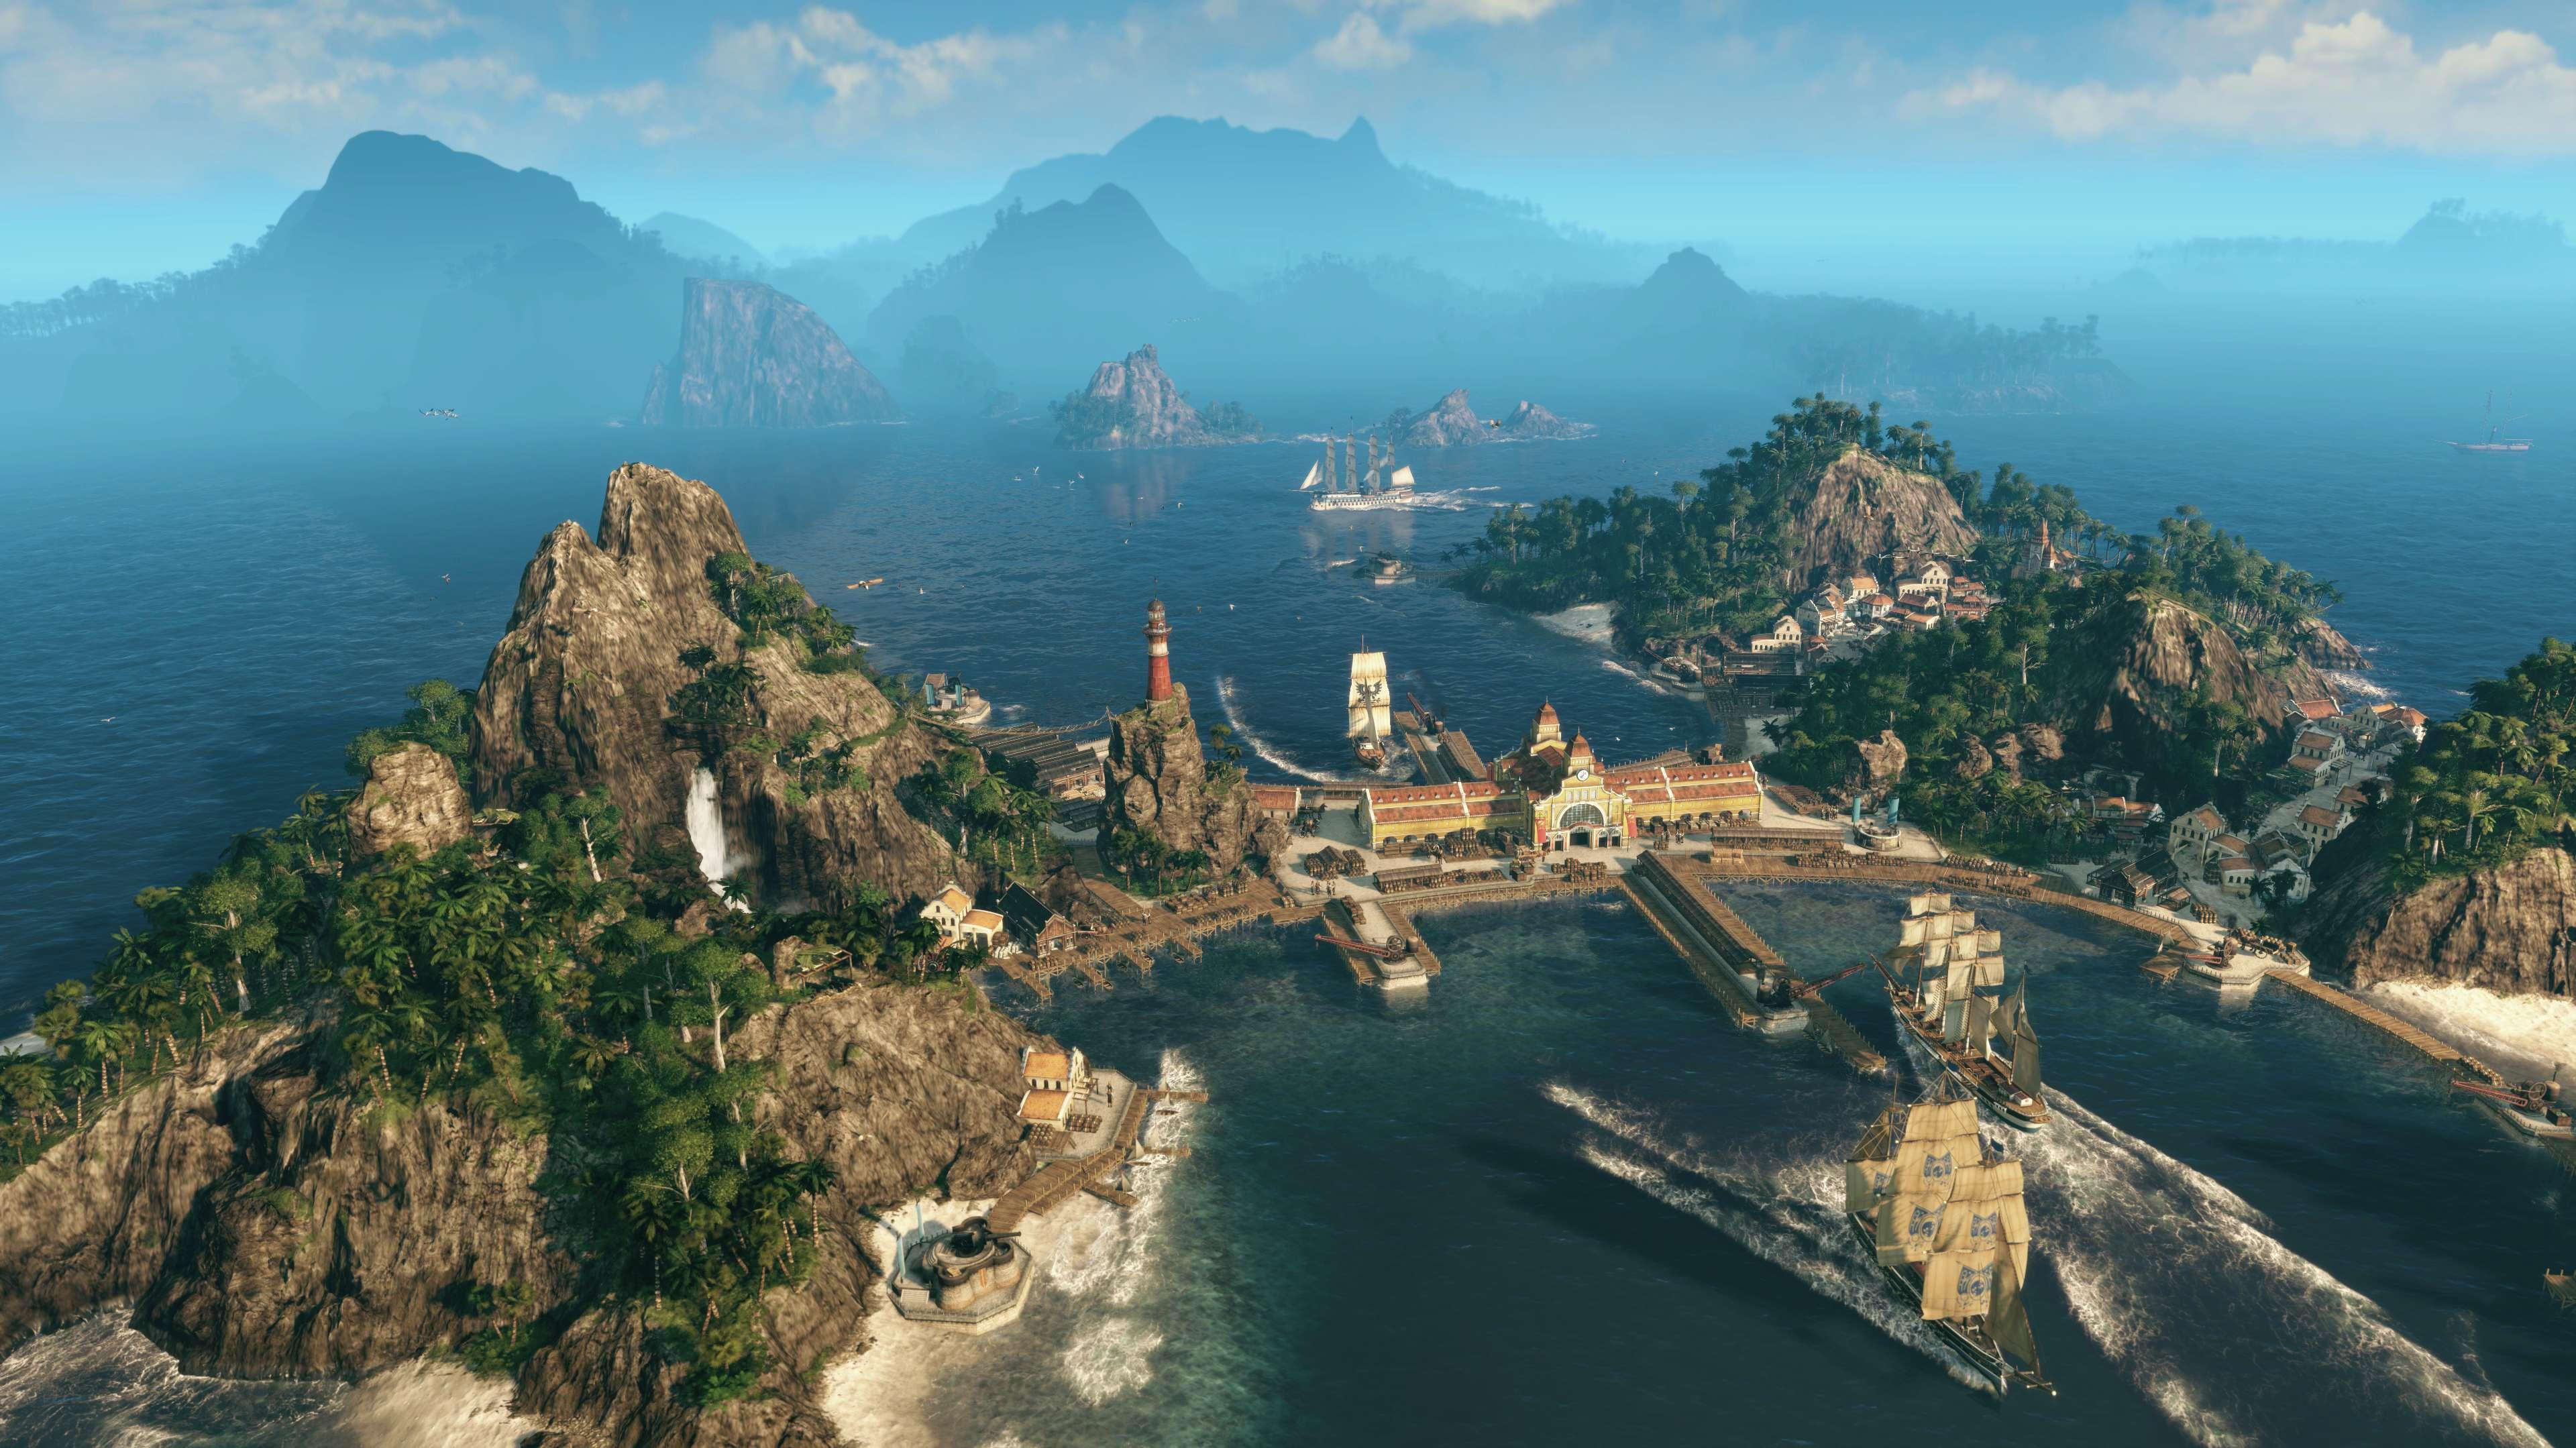 Zwei kleine Inseln im Ozean, die durch einen Hafen miteinander verbunden sind. Schiffe verlassen den Hafen.